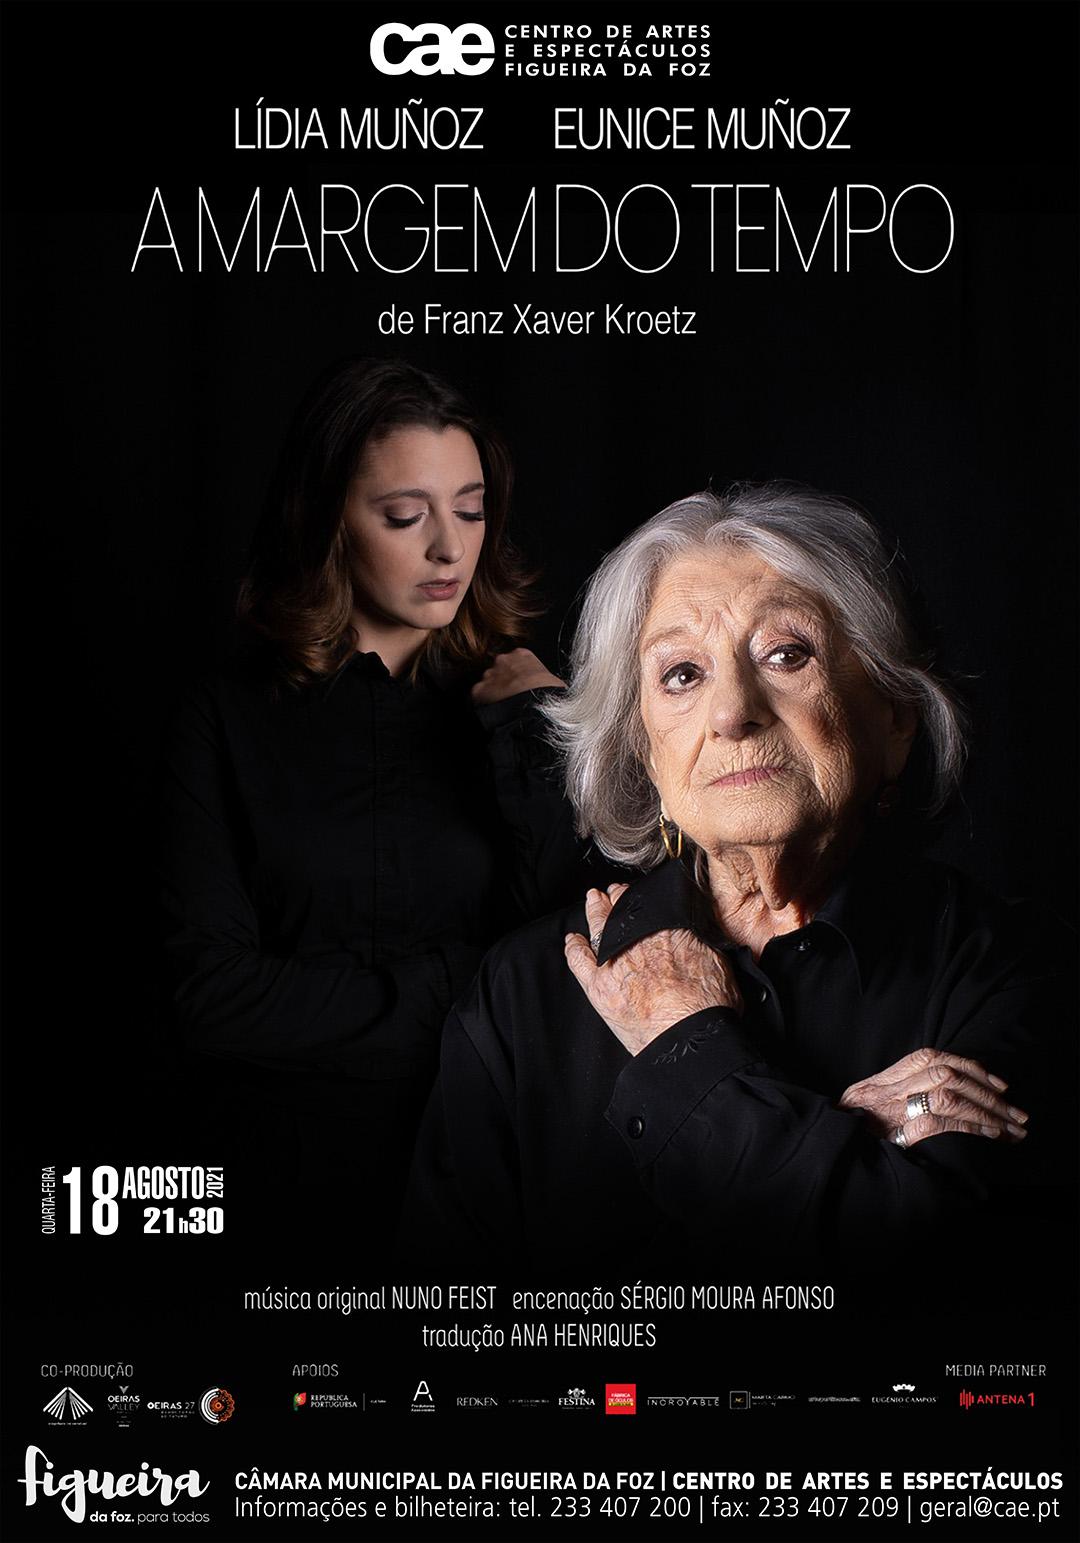 A Margem do Tempo, com Eunice Muñoz - CANCELADO